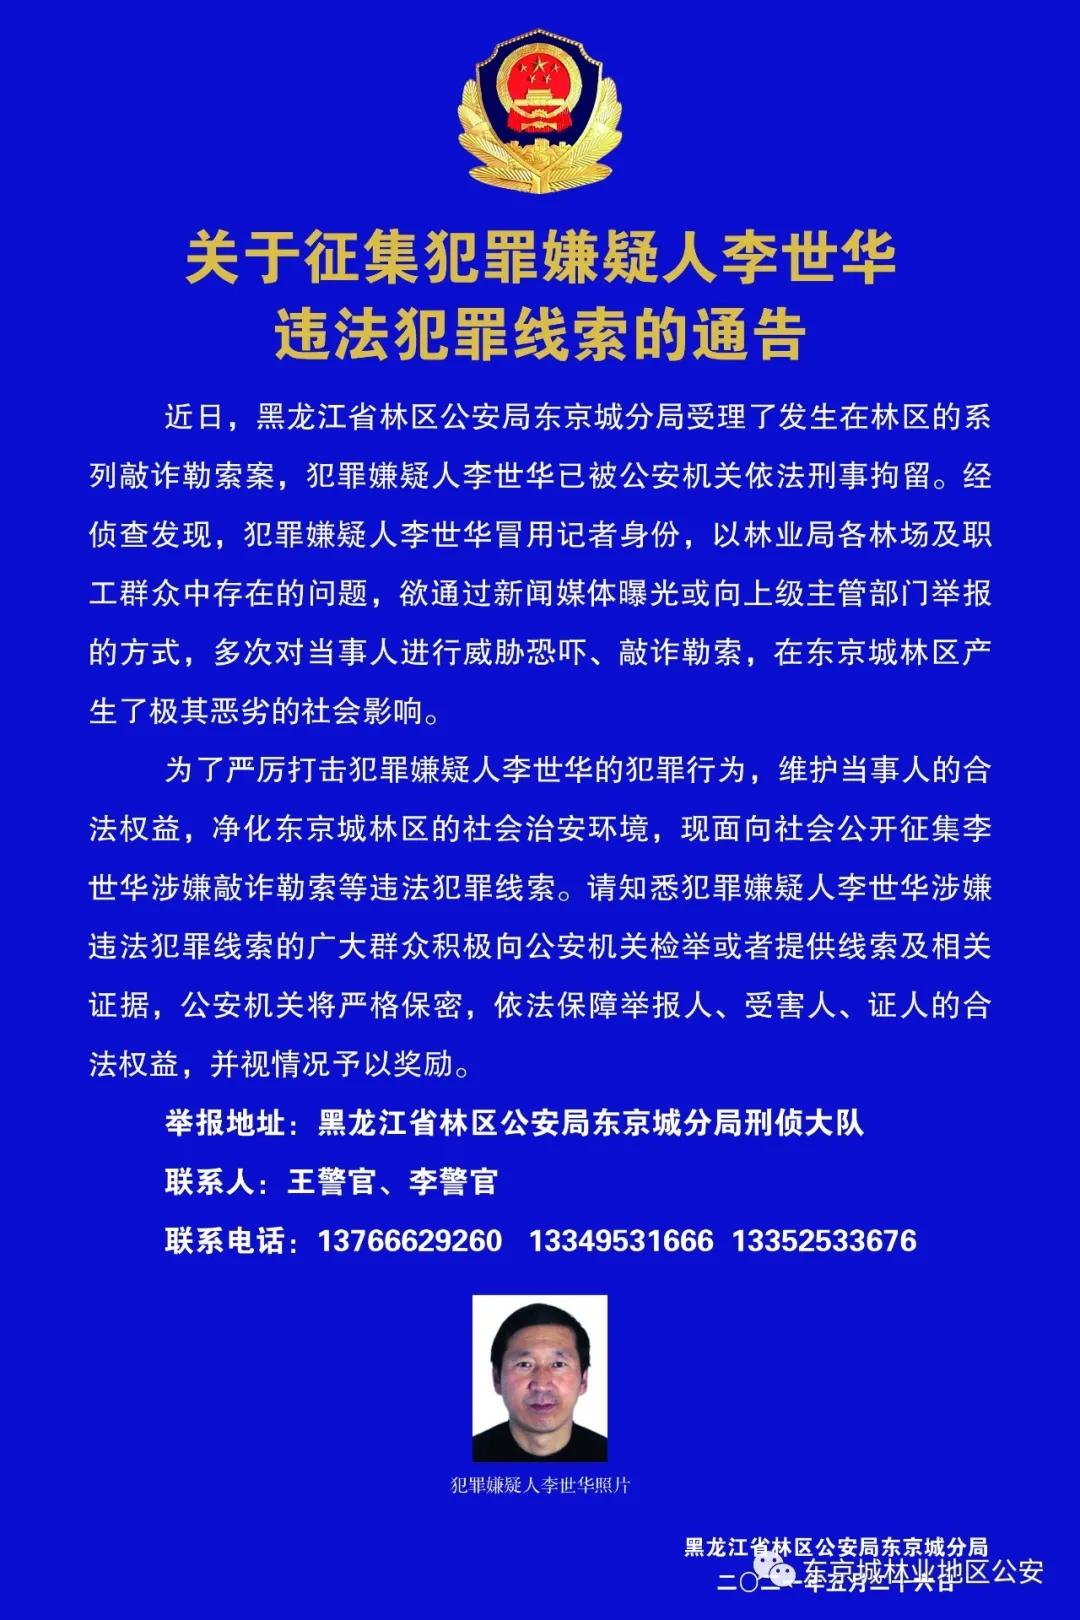 男子冒充记者敲诈勒索,黑龙江警方征集其违法犯罪线索 最新热点 第1张